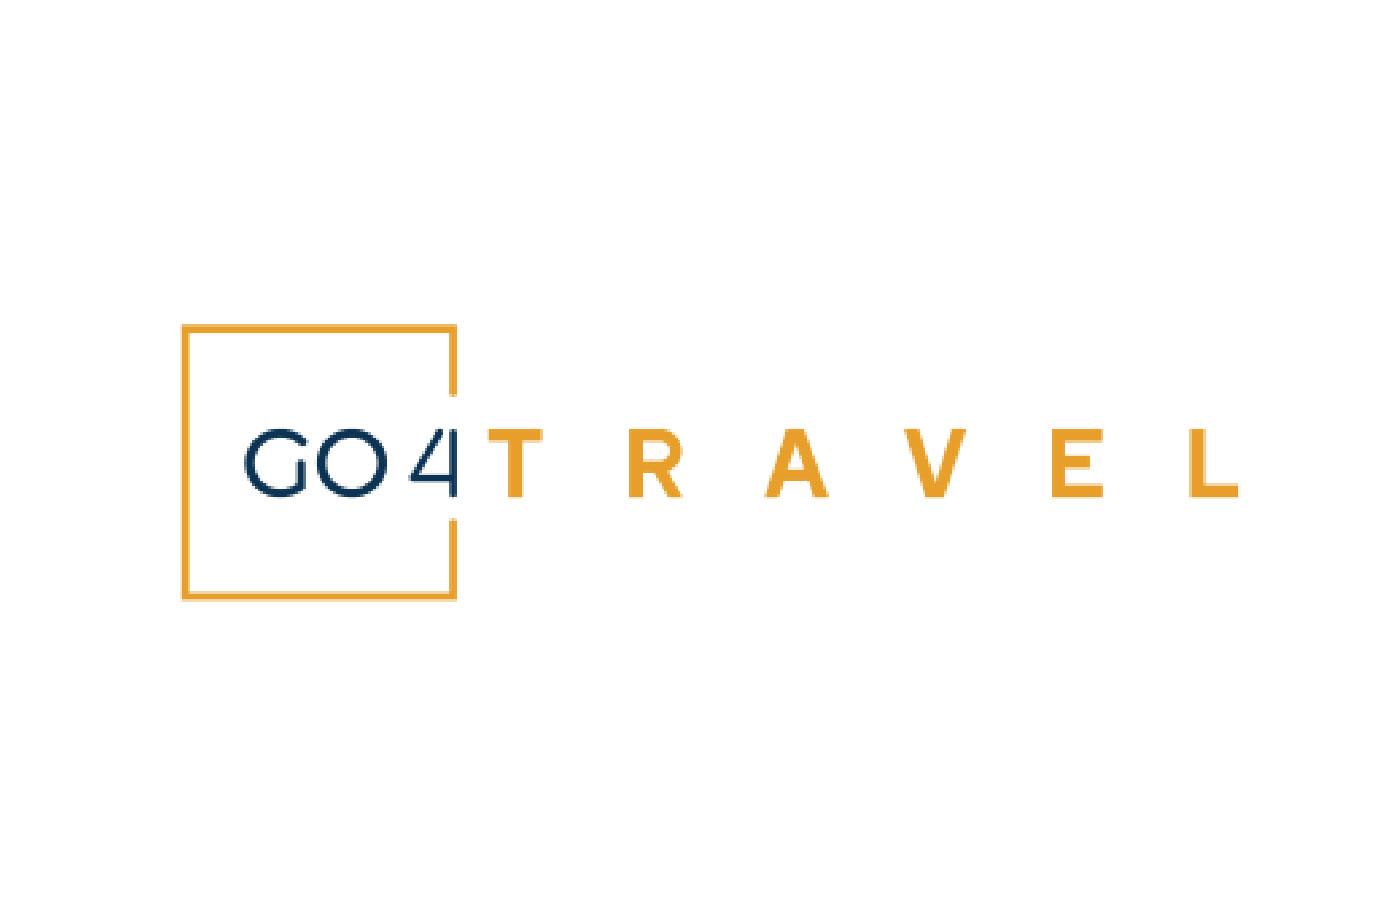 go4travel